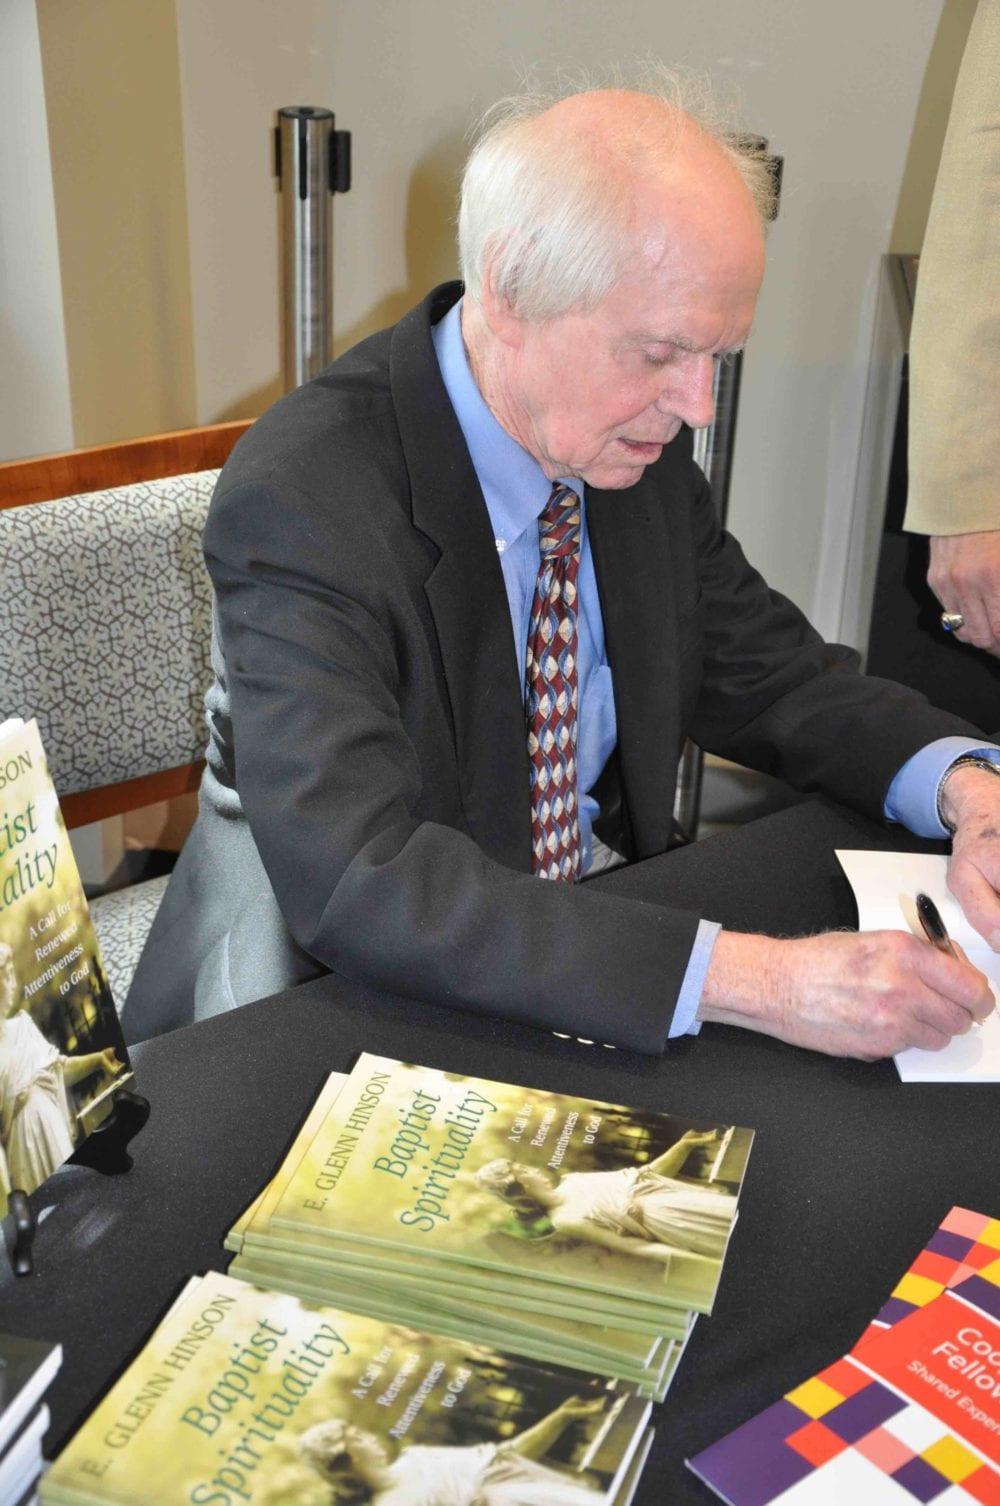 Nurturing Faith author Glenn Hinson signs books.